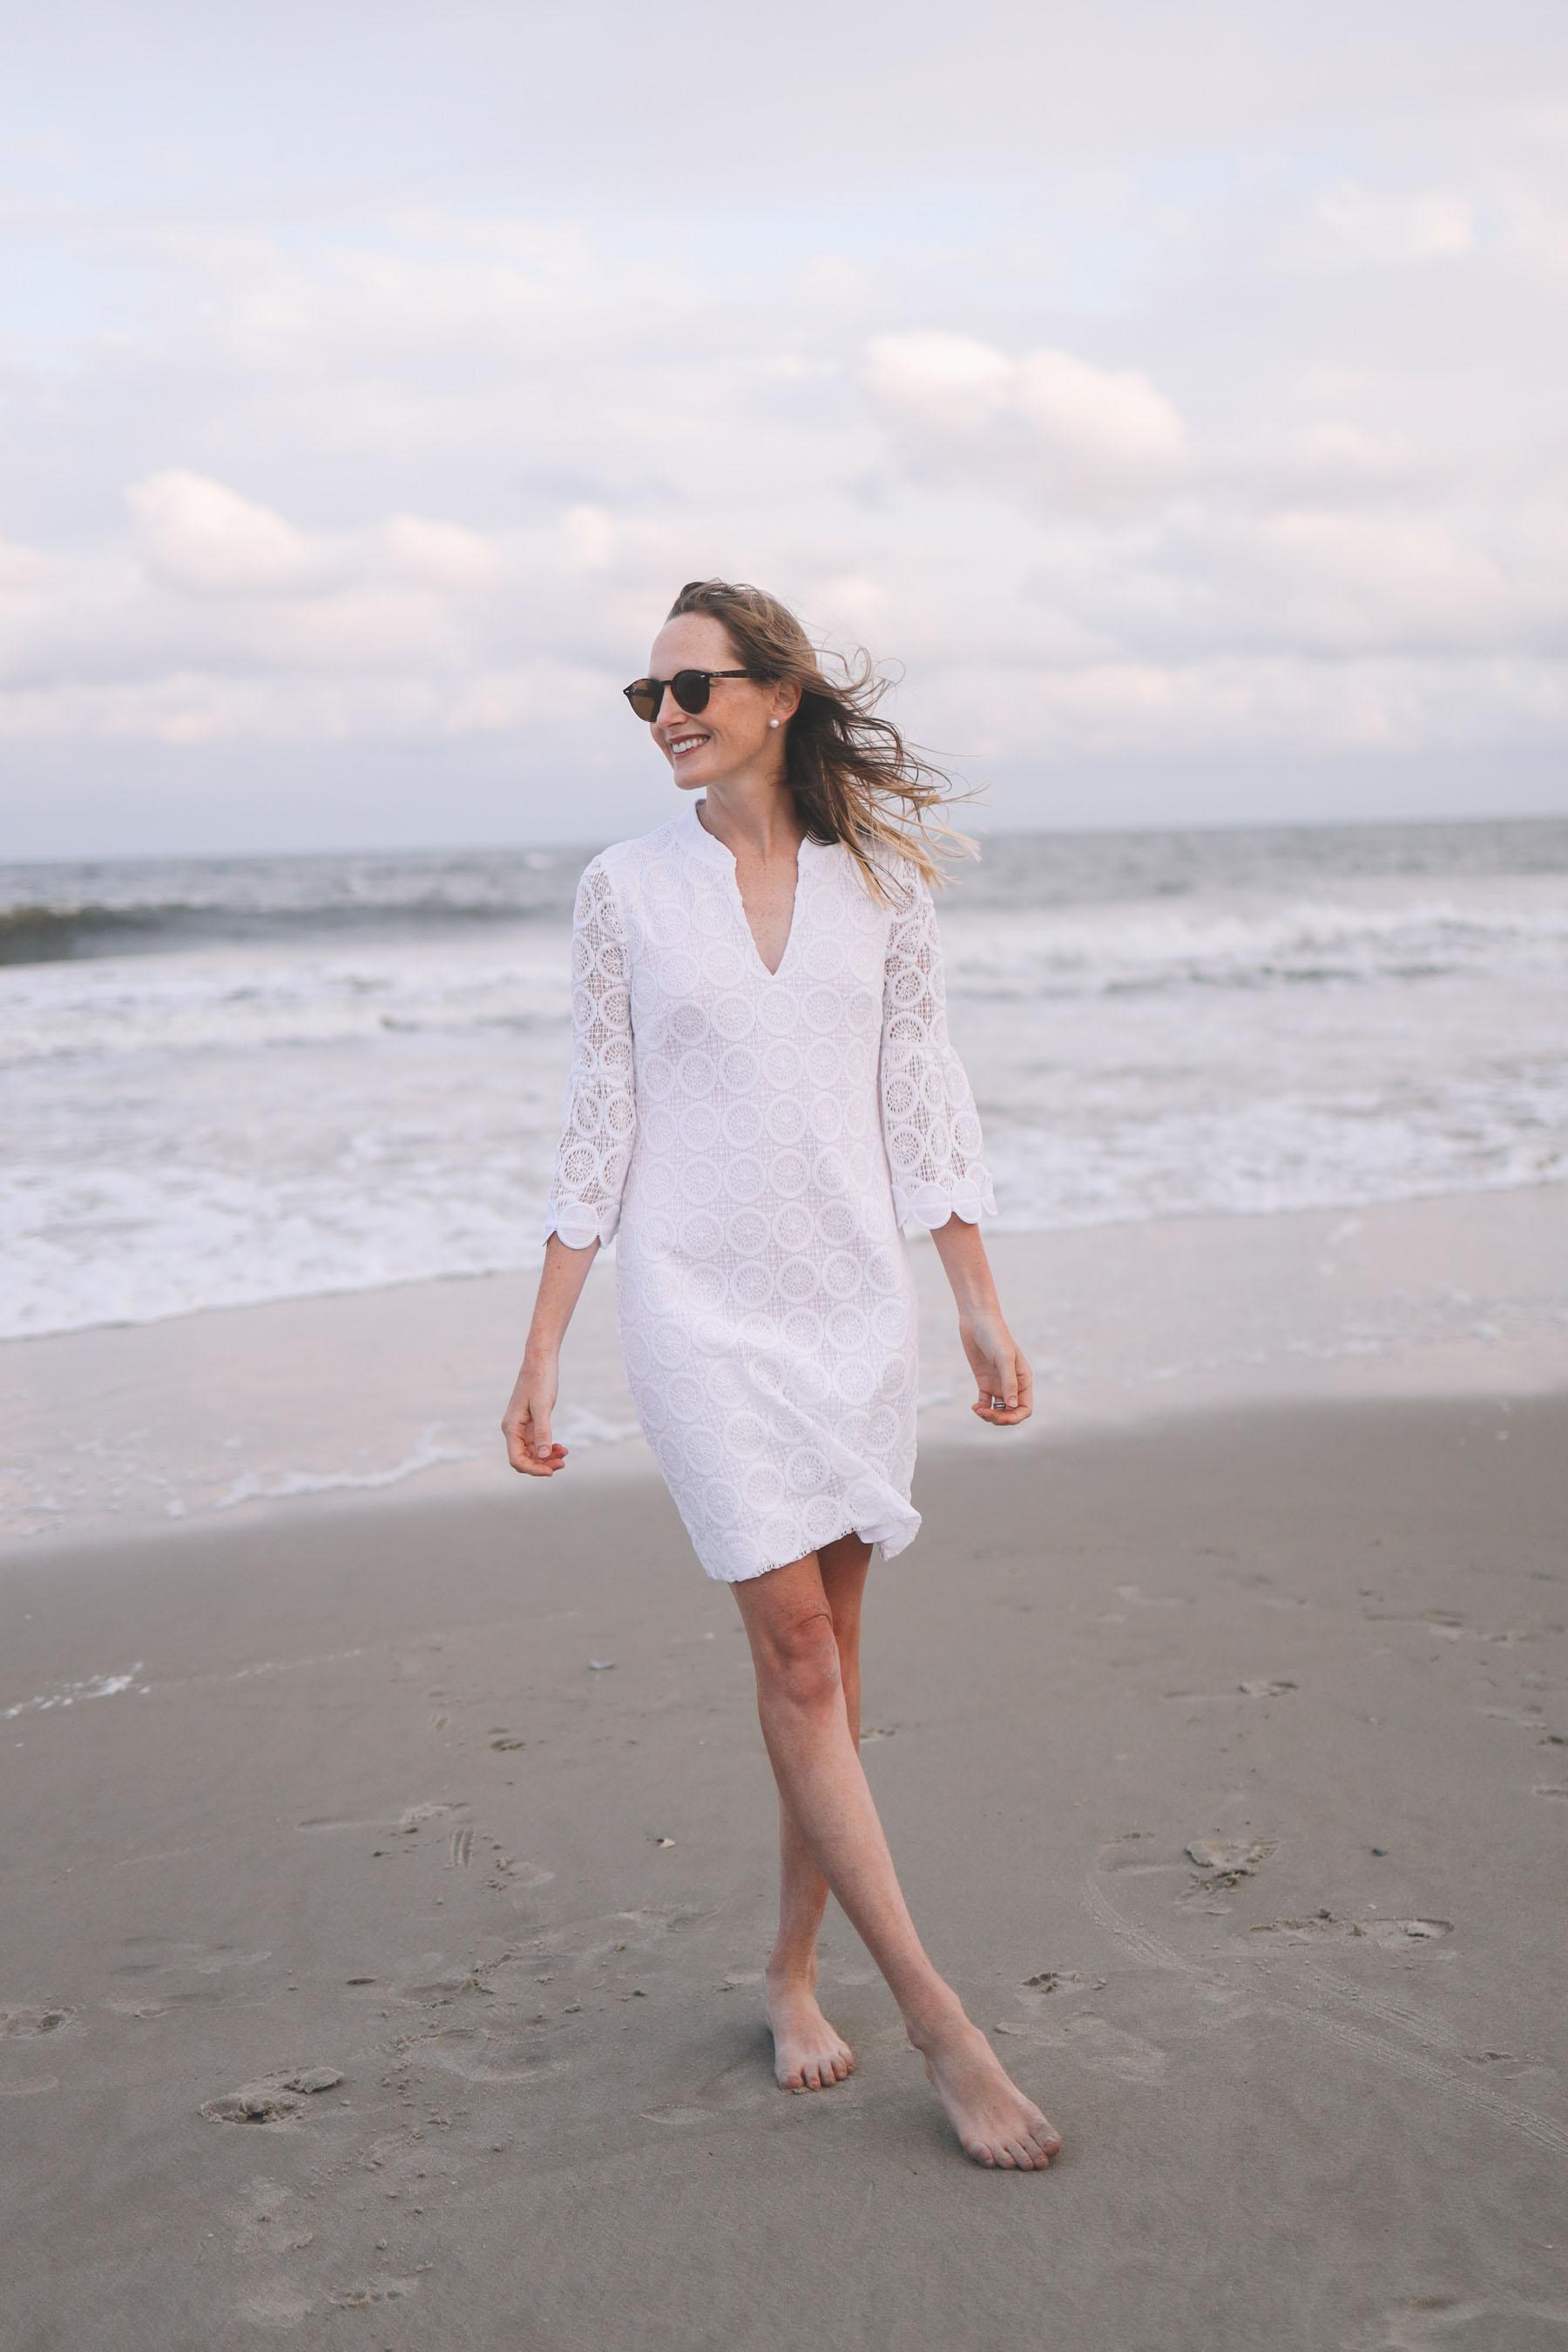 A White Lace Dress